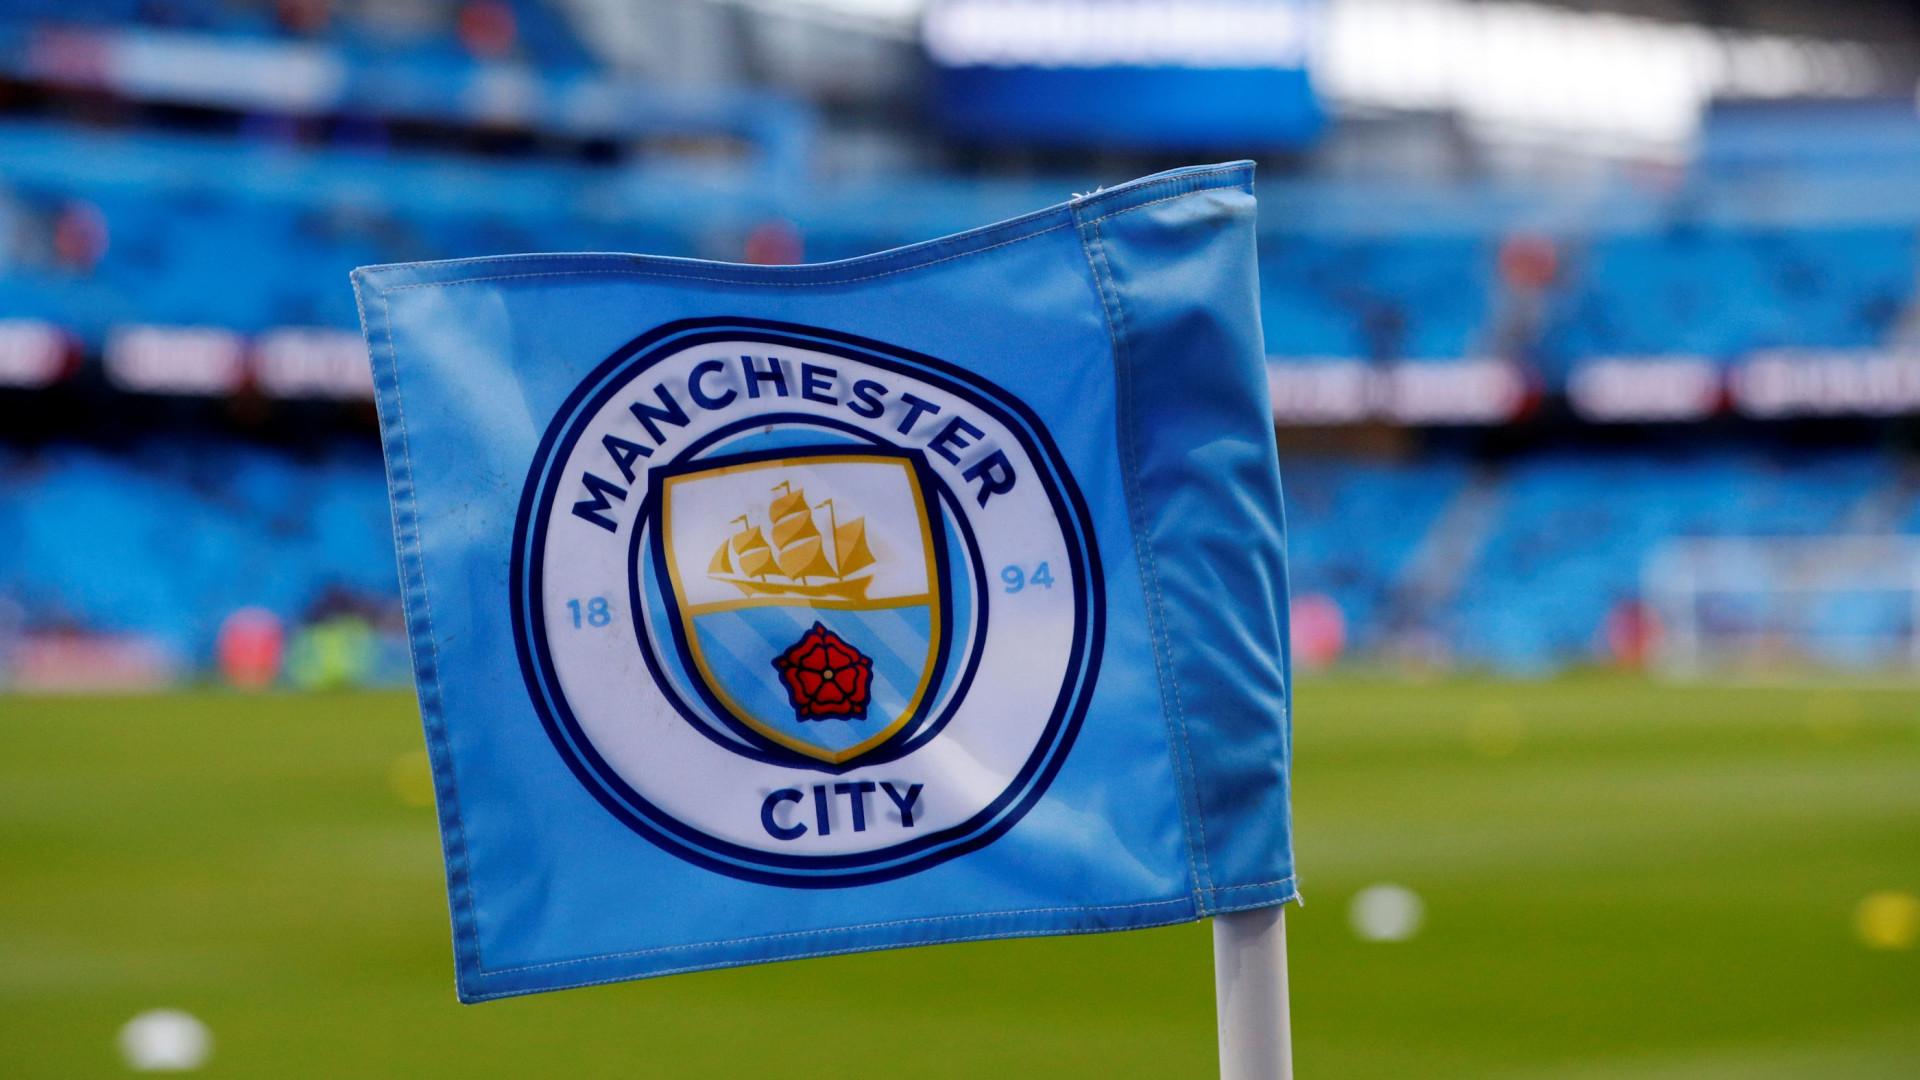 Manchester City terá ajuda profissional para criar equipe de eSports